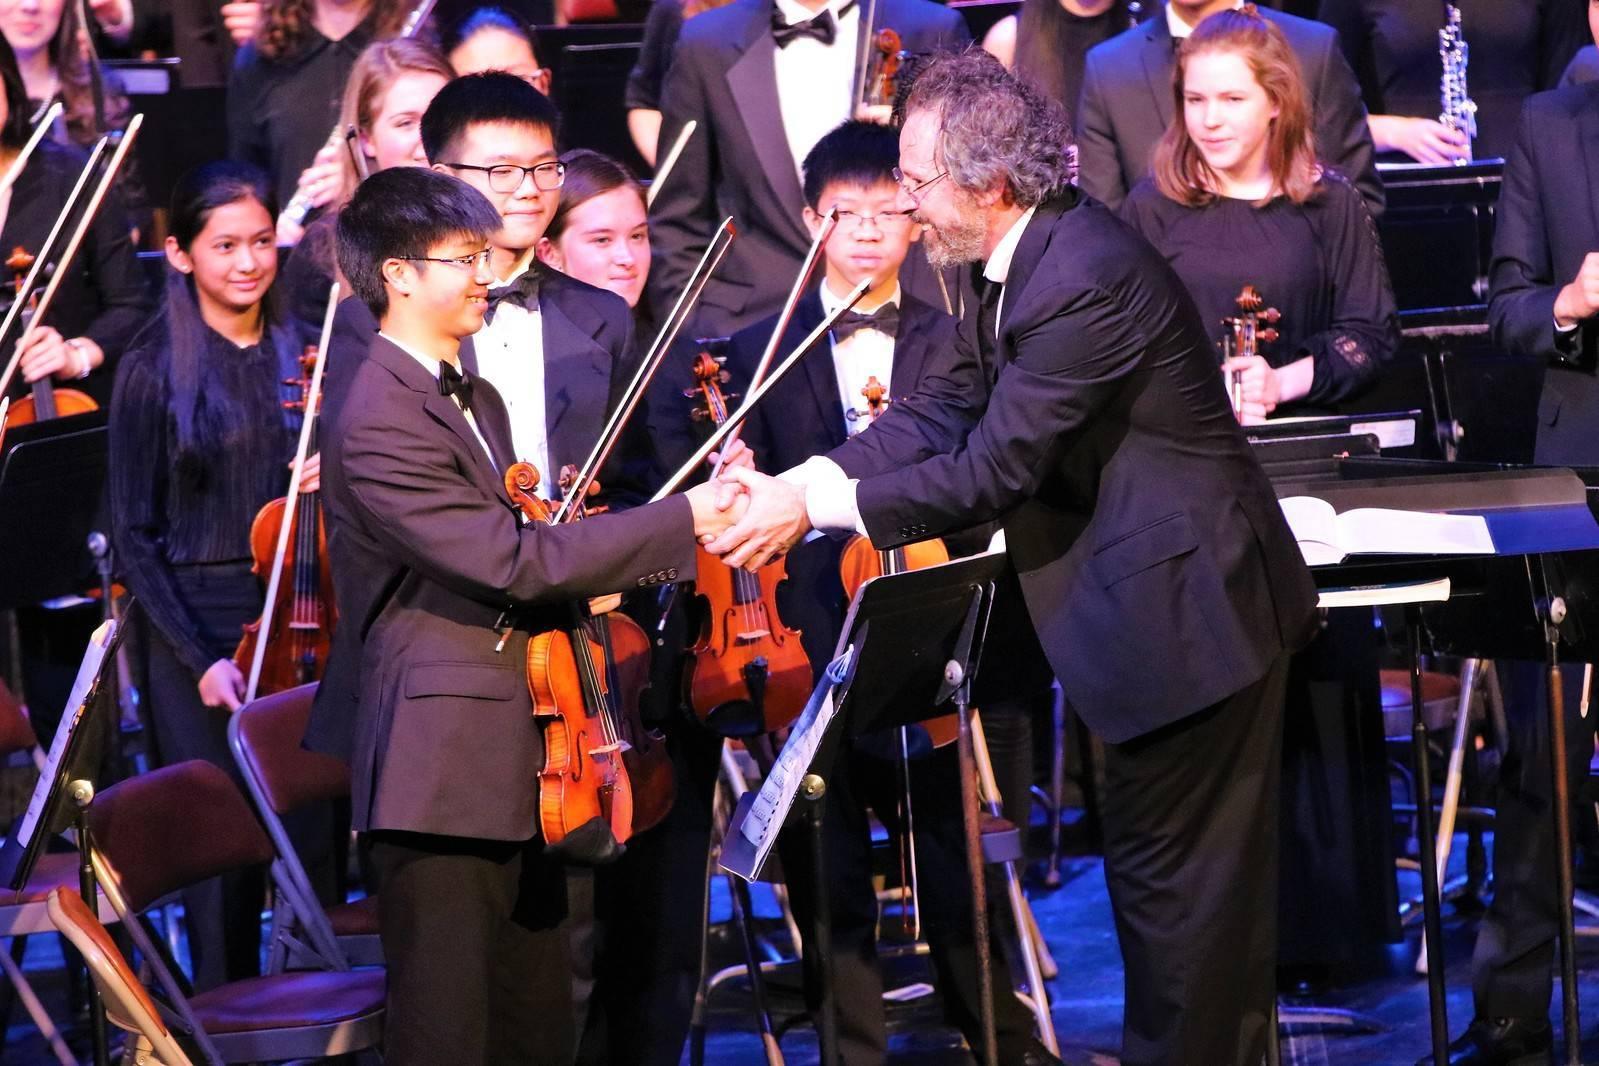 cc36dddf57a2f277fb99_NJYS_Youth_Symphony.jpg